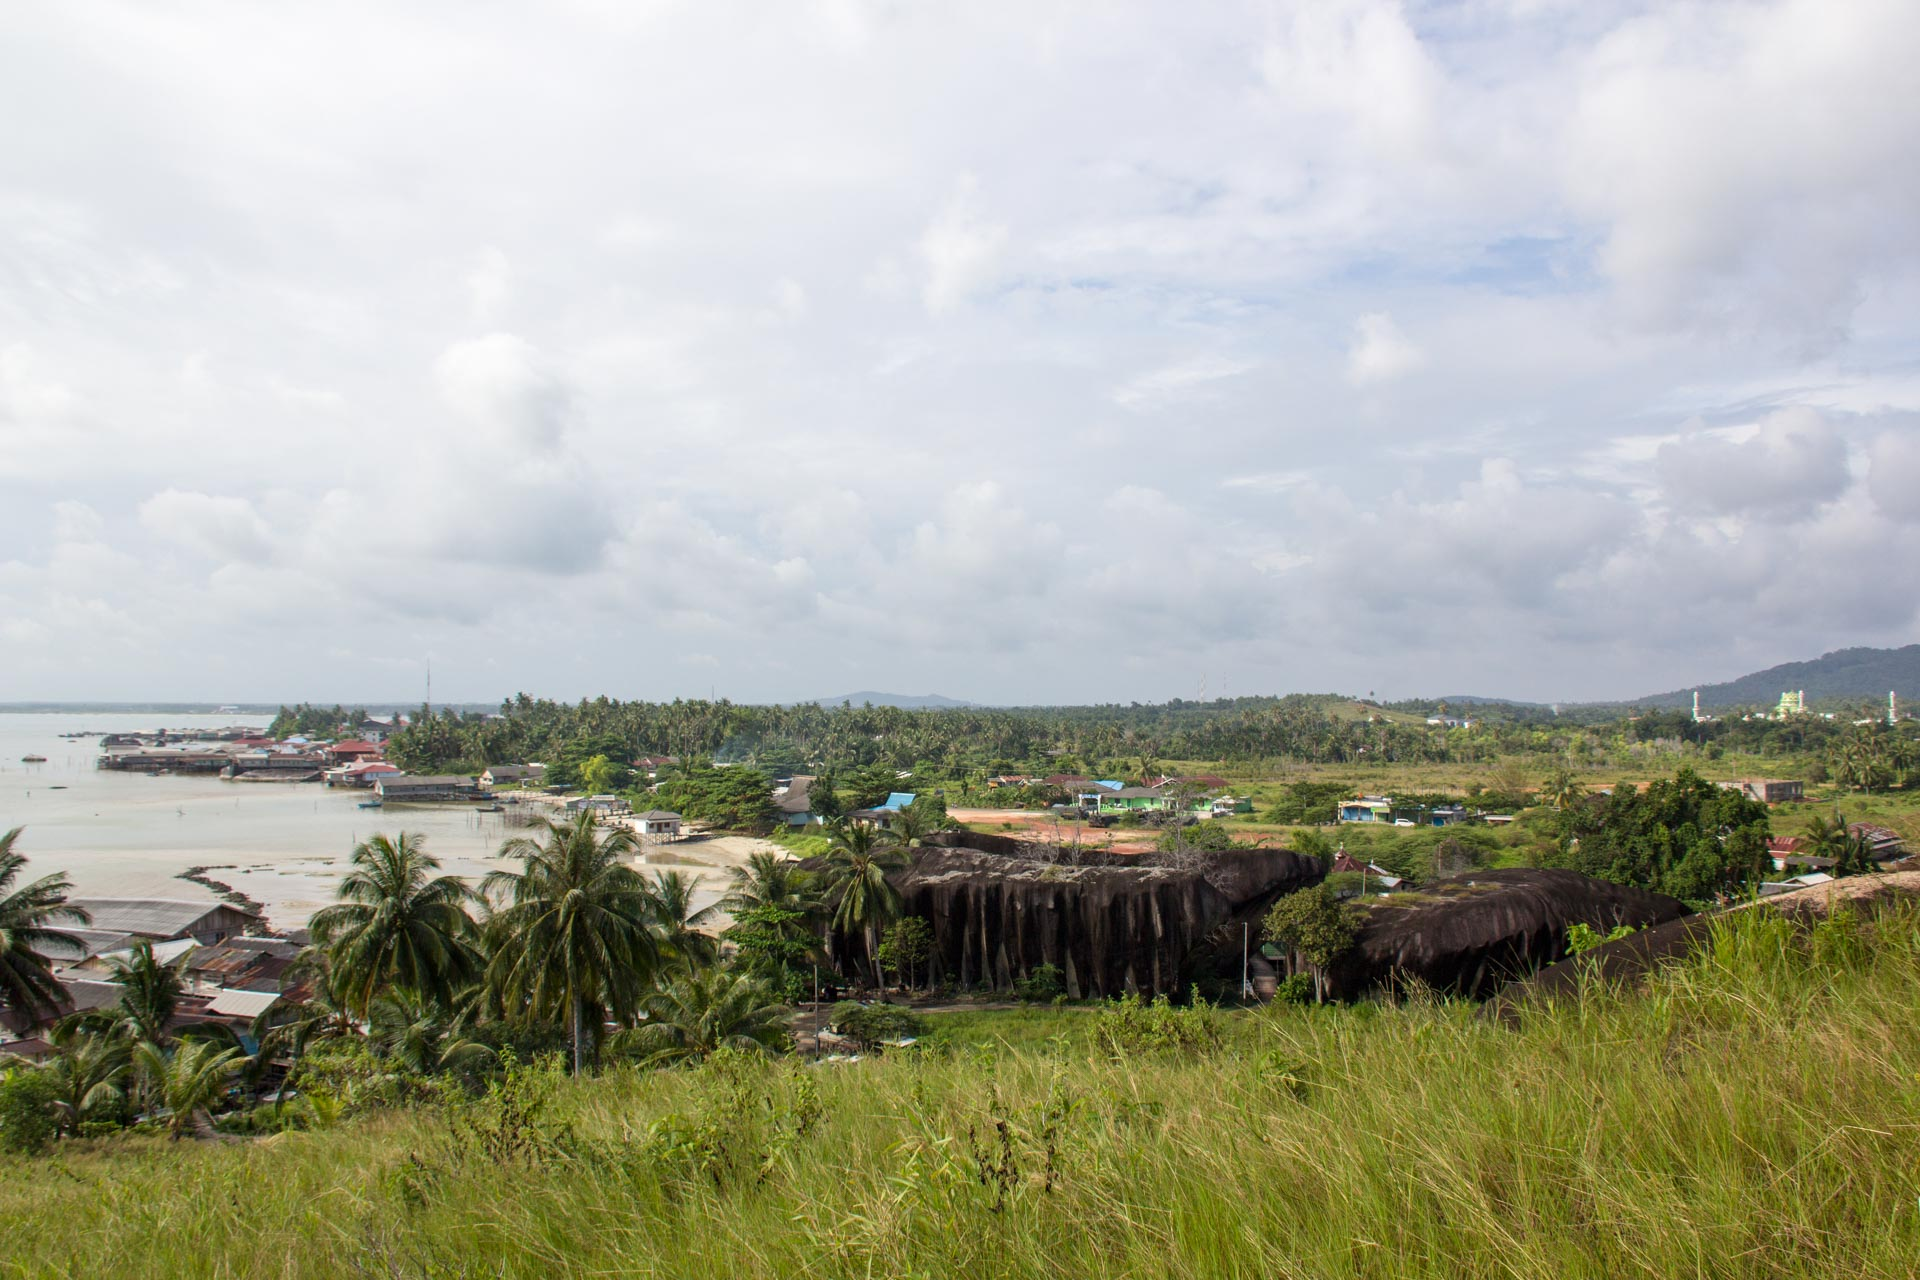 (リアム諸島)Batu Kapalを高台から臨む